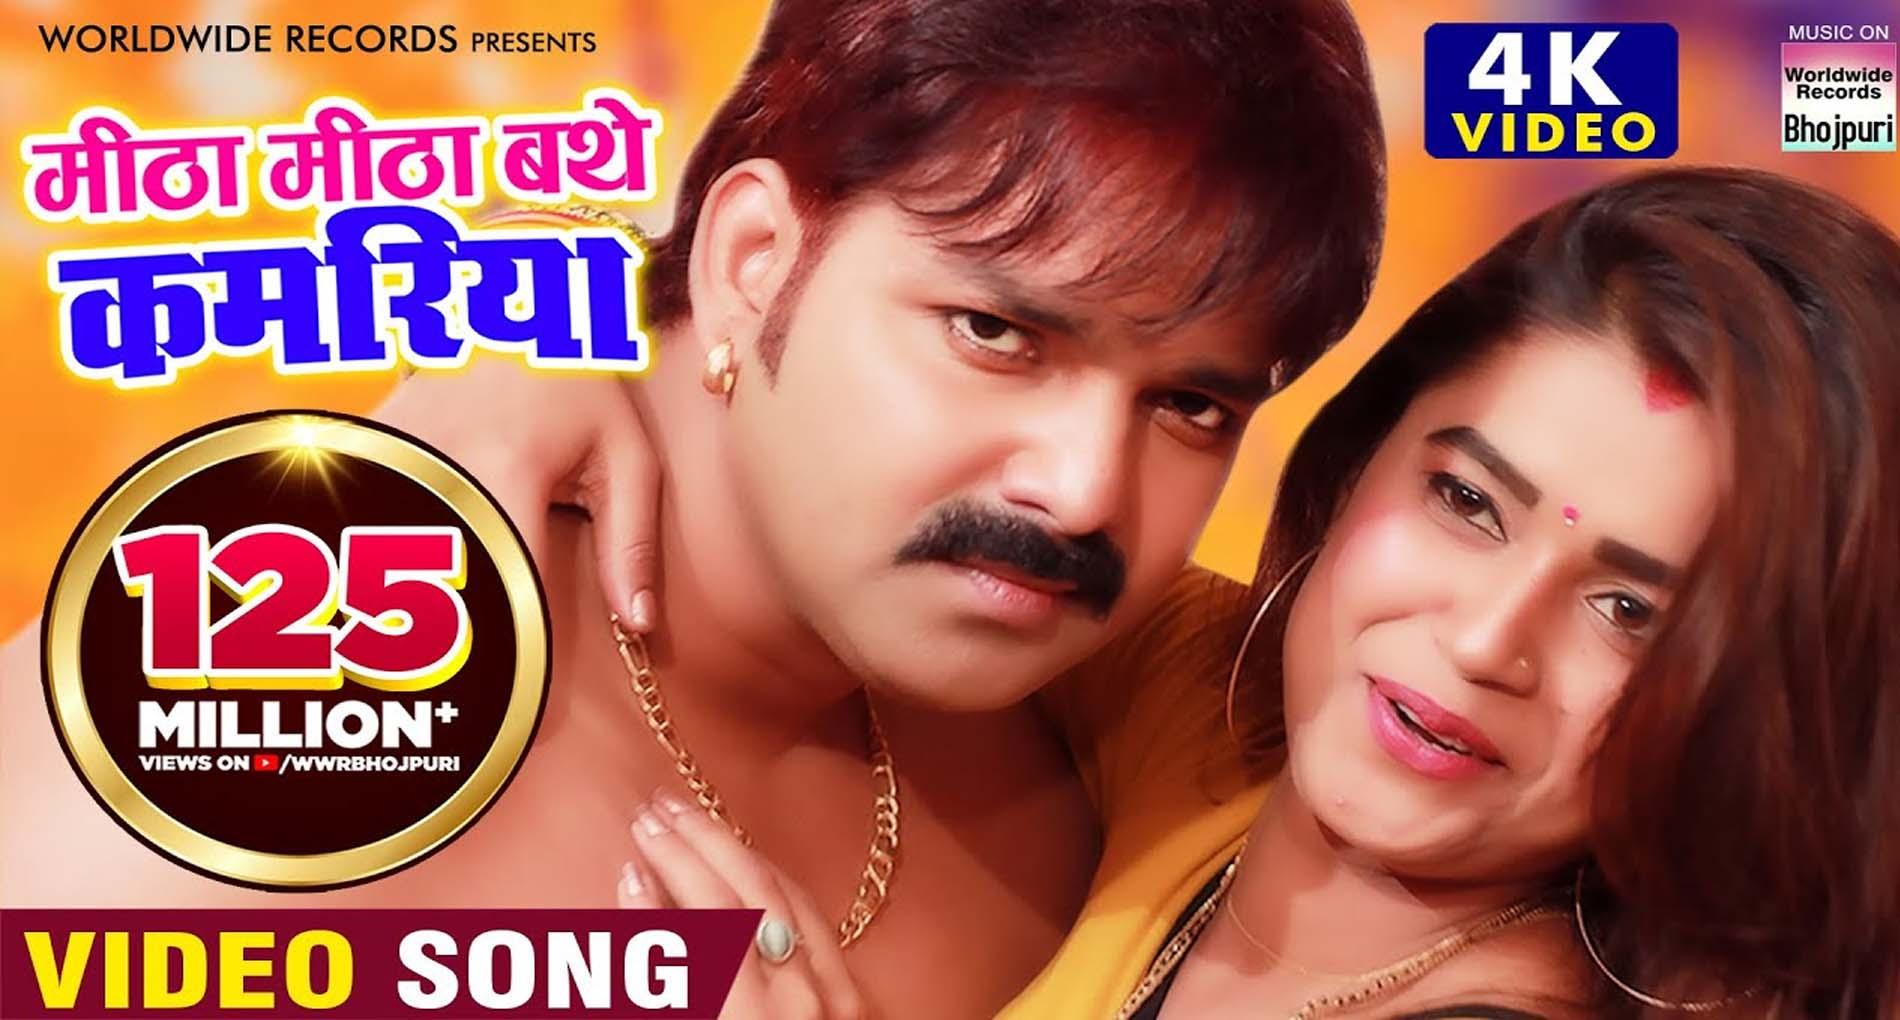 Pawan Singh Bhojpuri Song: पवन सिंह के नए गाने का धमाल! मिले 15 करोड़ व्यूज, देखें वीडियो